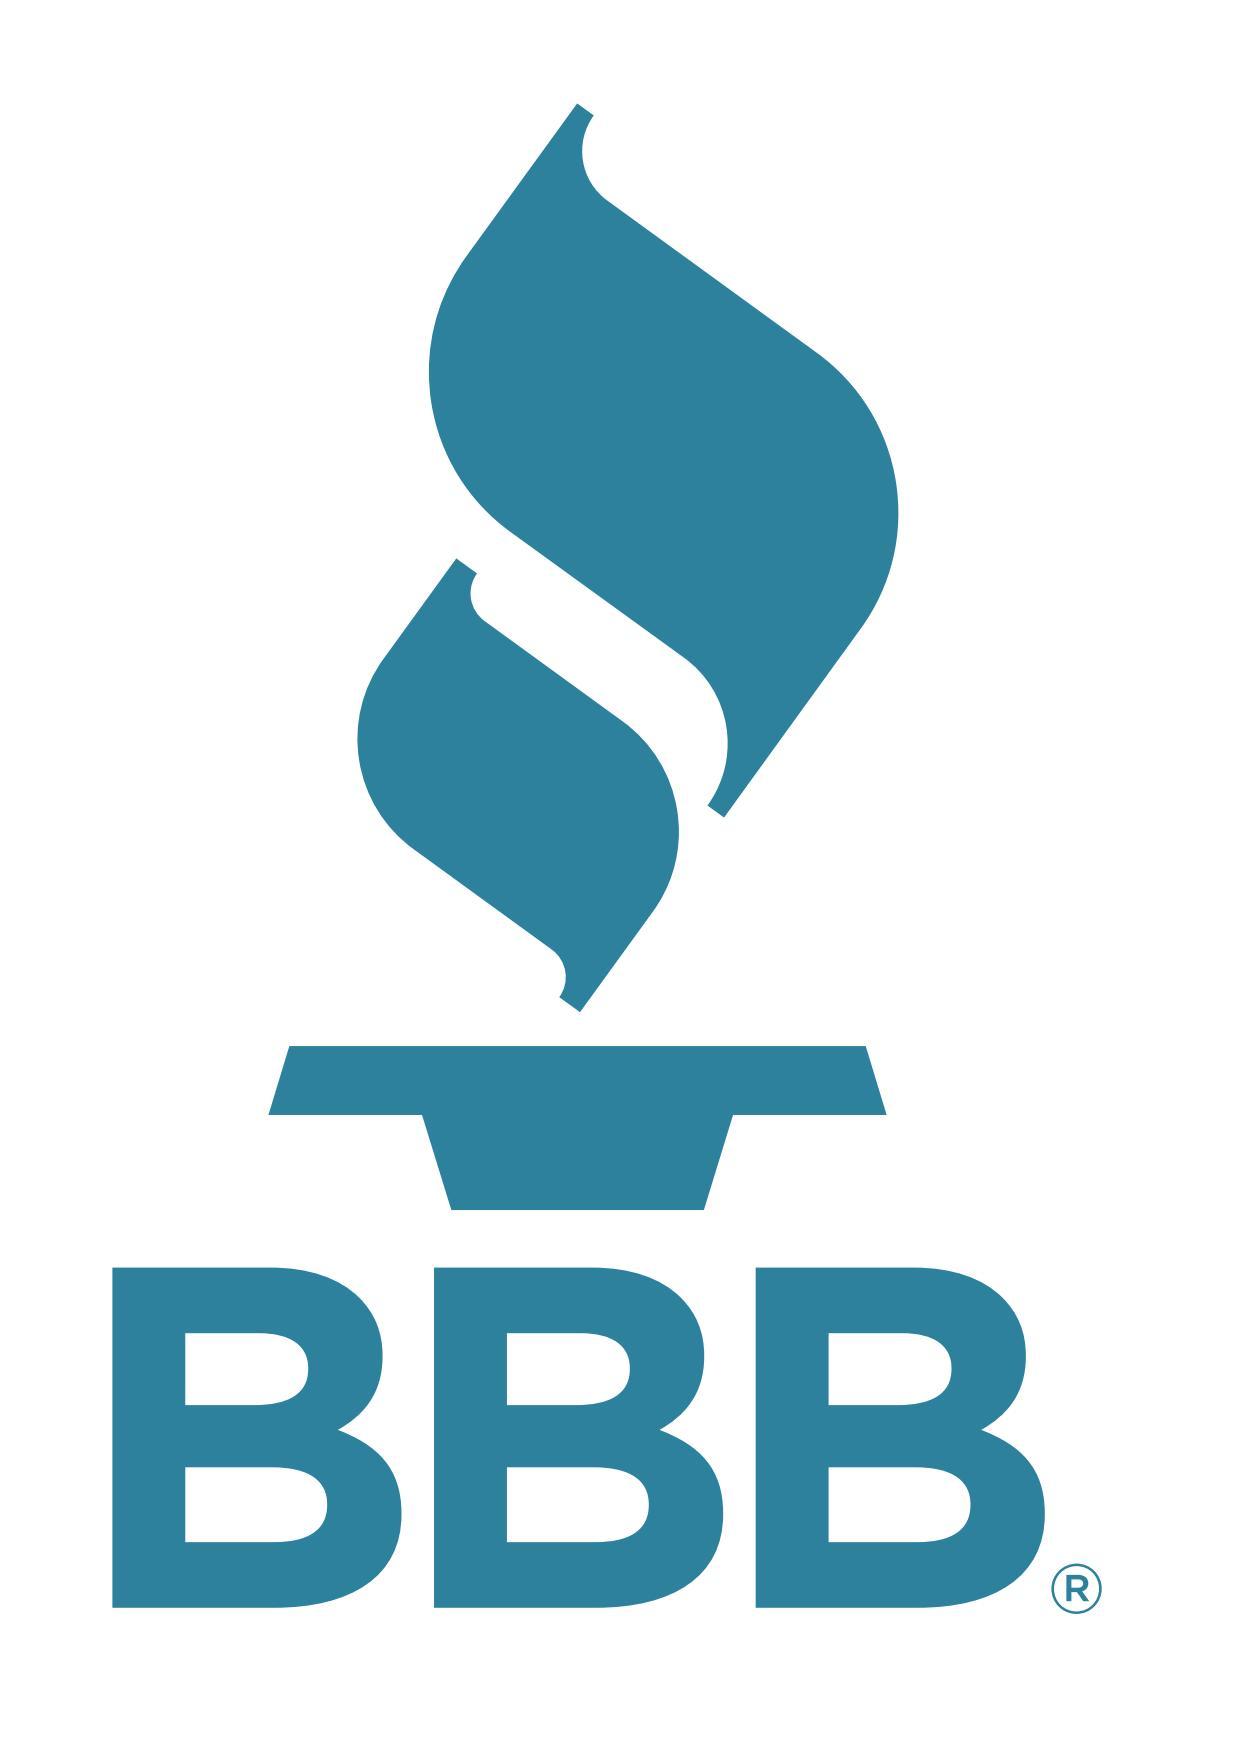 bbb-better-business-bureau-logo